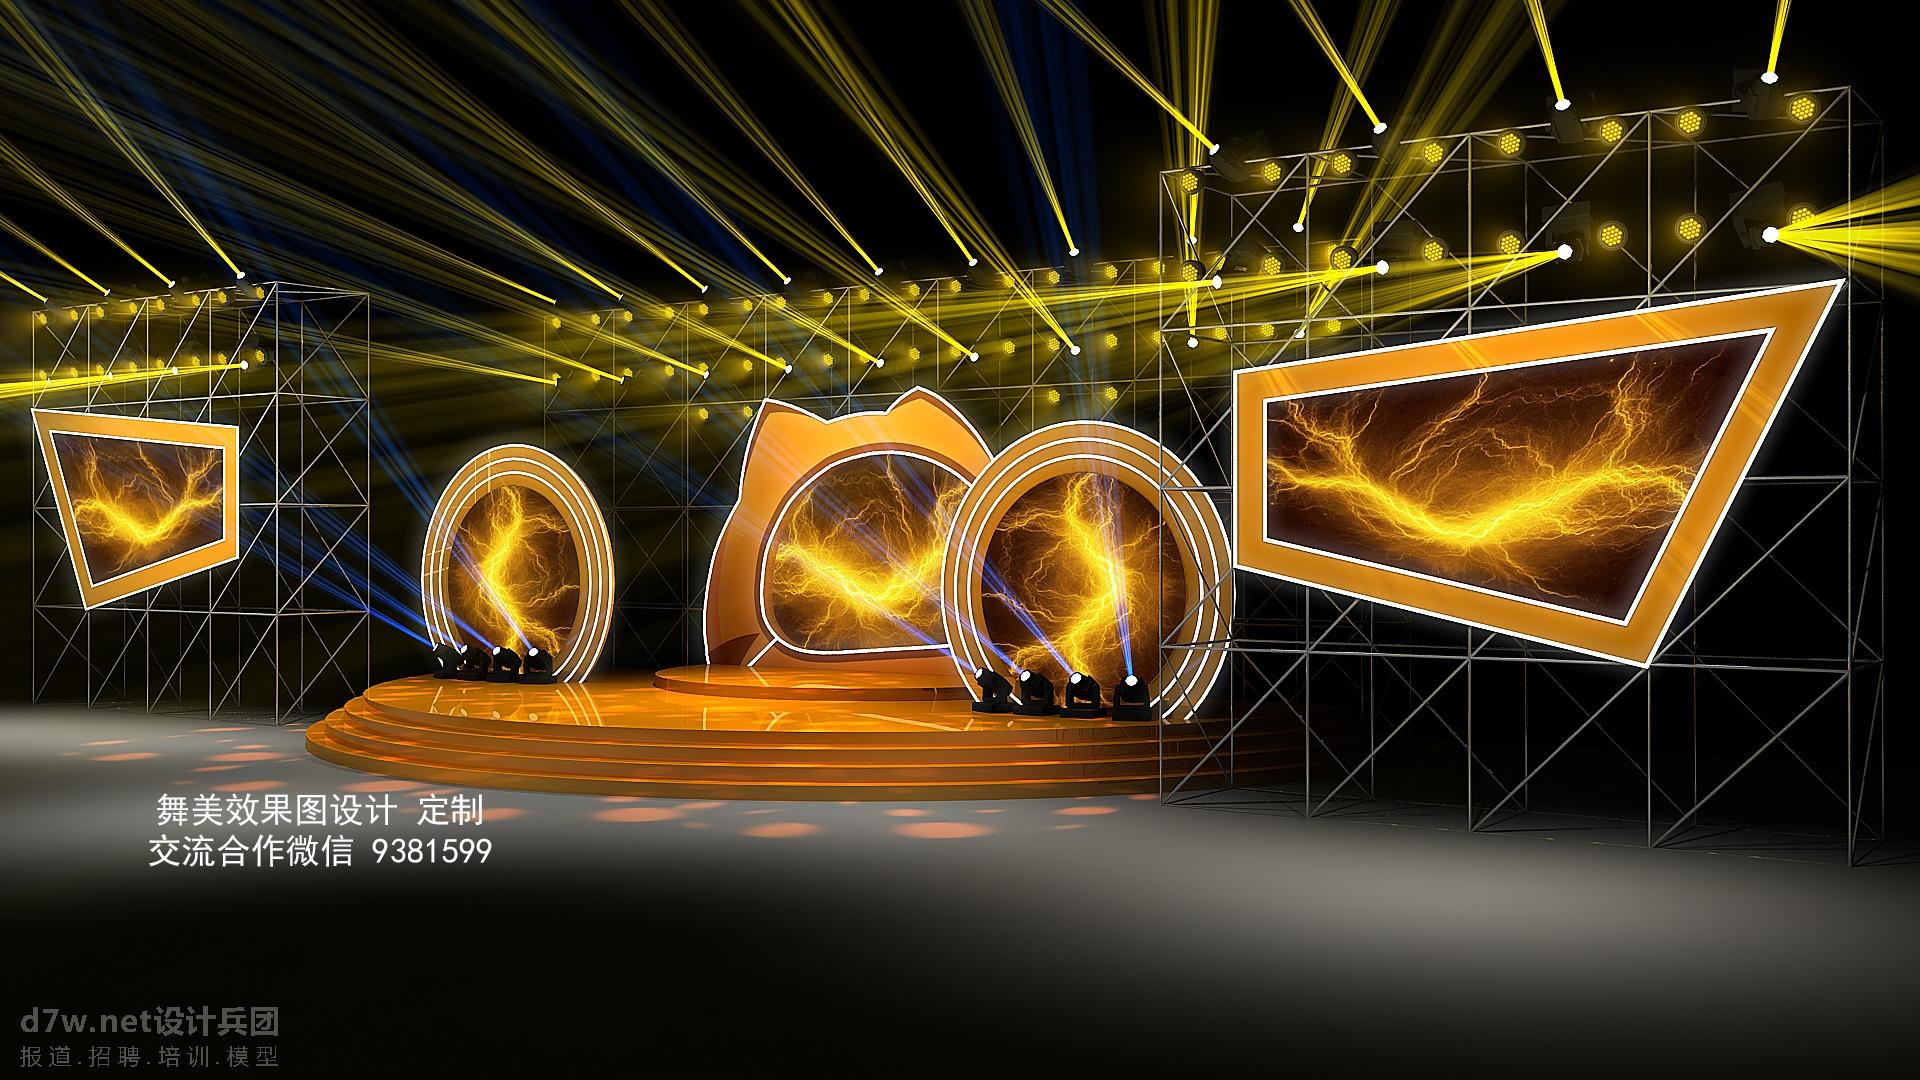 2020年会舞美 2020企业年会 2020年会设计 年会舞美设计 年会舞台设计 舞美效果图 舞台效果图 舞美设计图 舞 ...